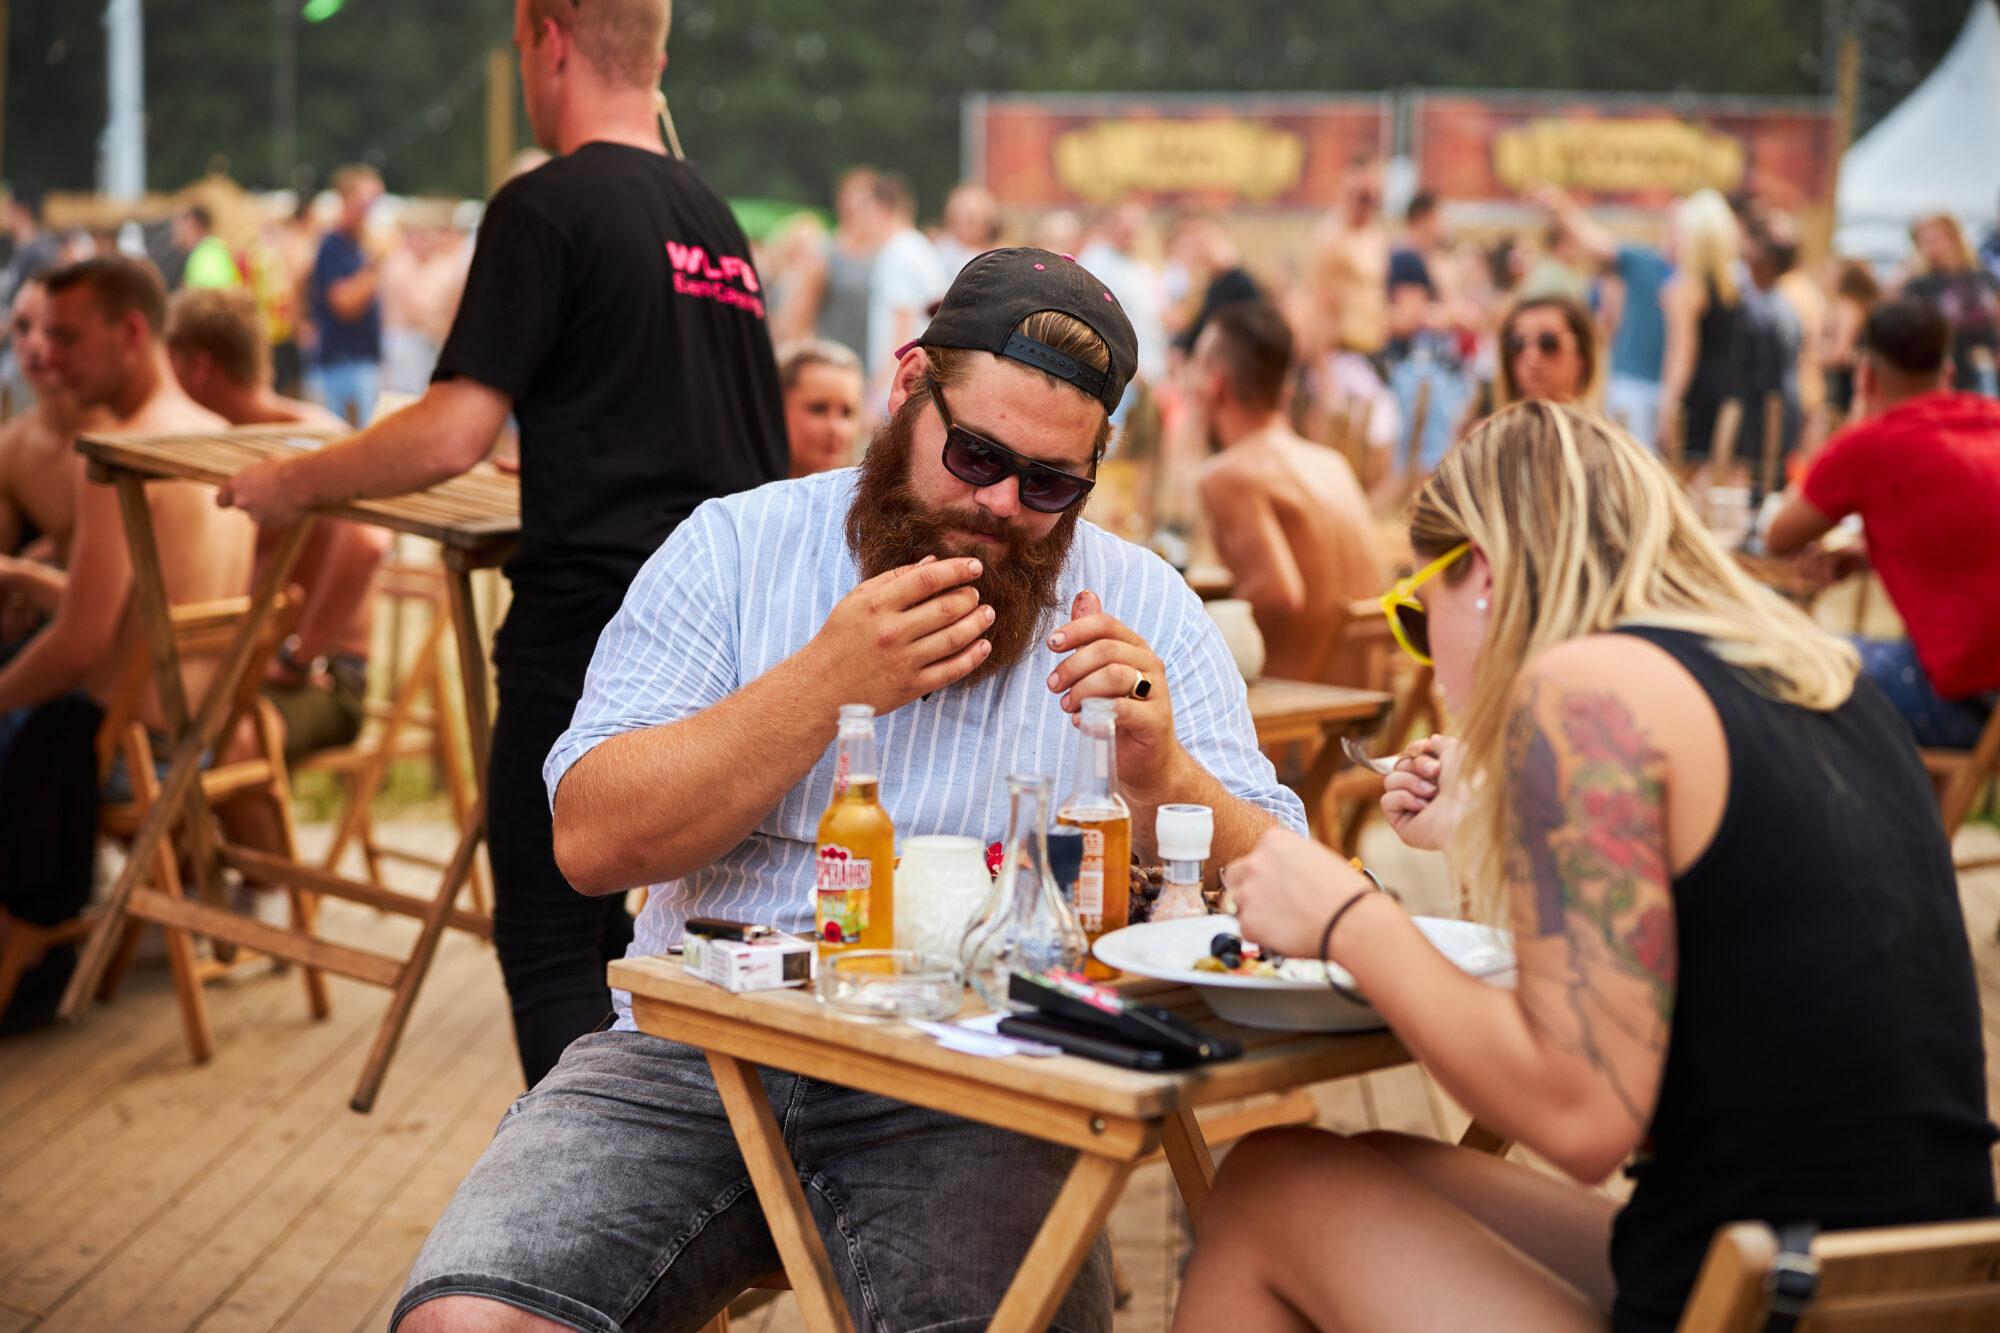 Muziek, gezelligheid, eten en drinken tijdens Terrastival in Apeldoorn